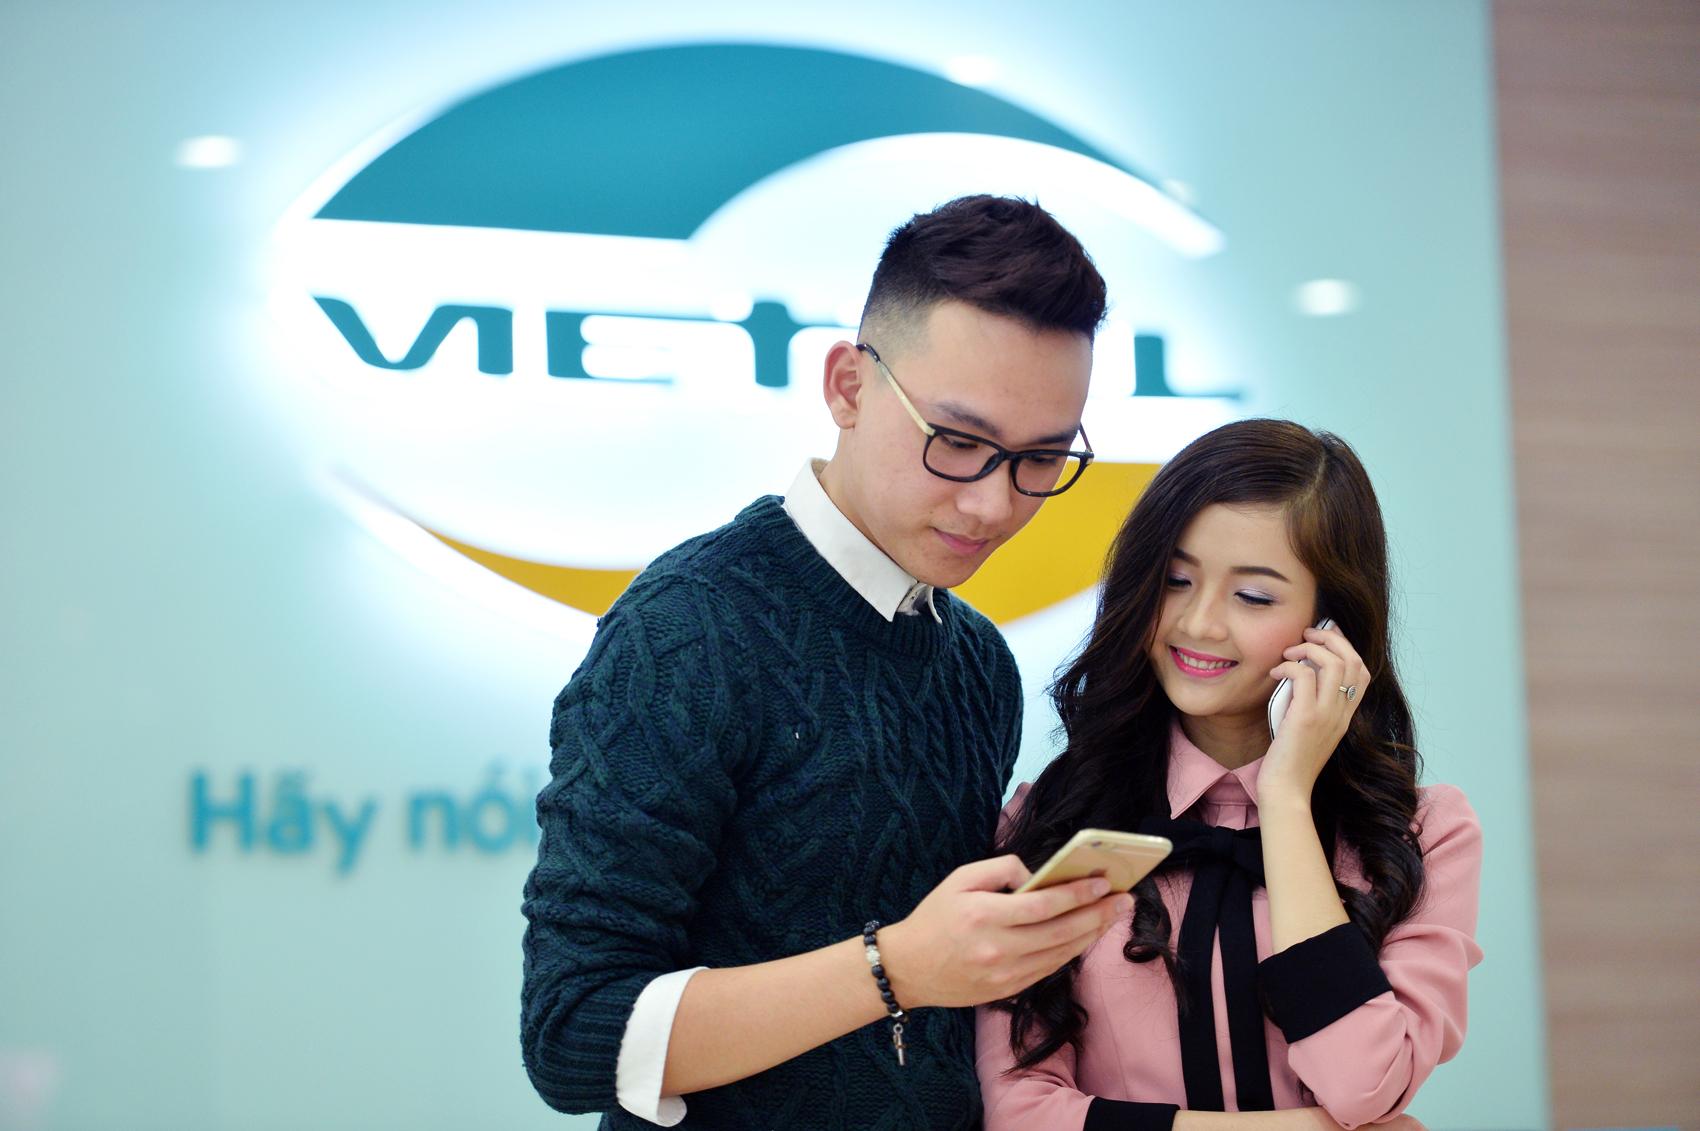 Viettel xứng đáng là mạng viễn thông hàng đầu Việt Nam